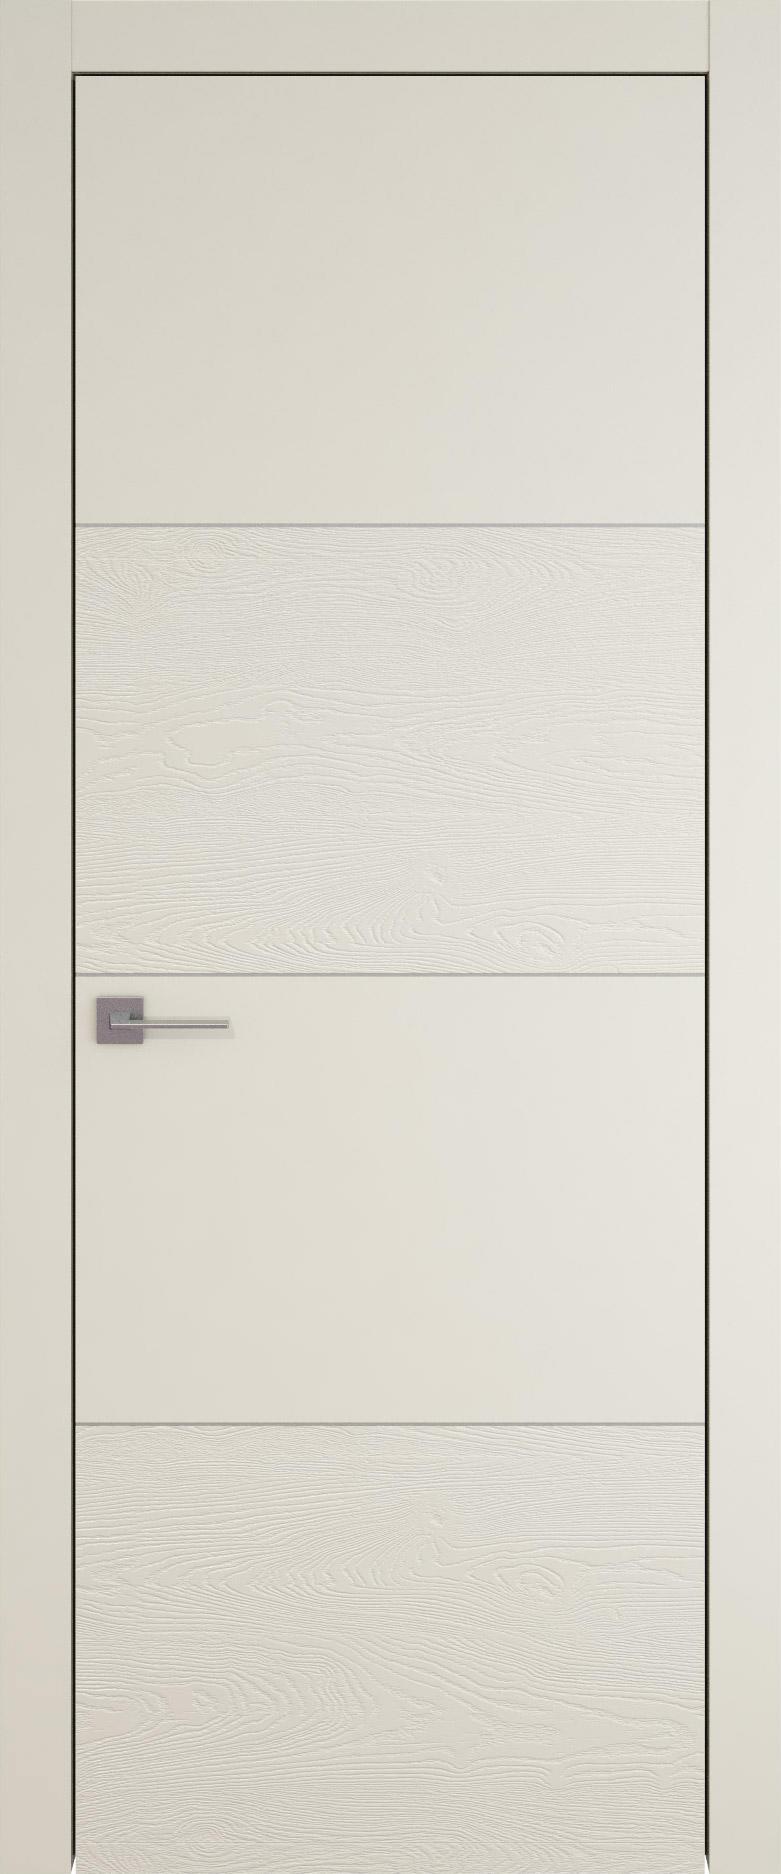 Tivoli Г-2 цвет - Жемчужная эмаль-эмаль по шпону (RAL 1013) Без стекла (ДГ)